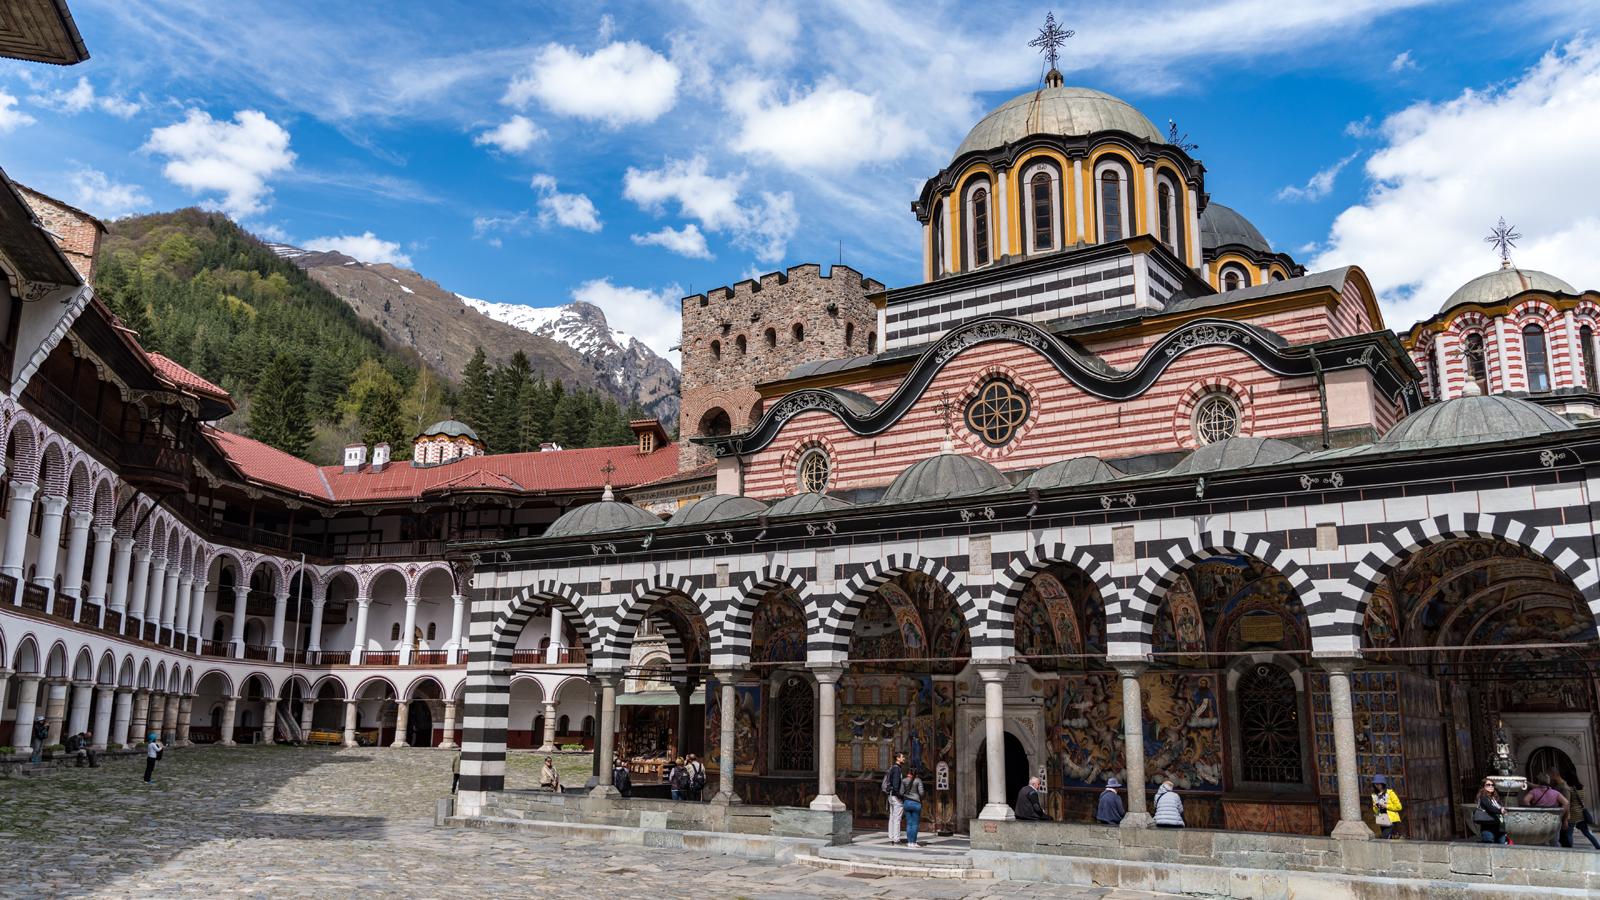 Bulgária - Mosteiro de Rila